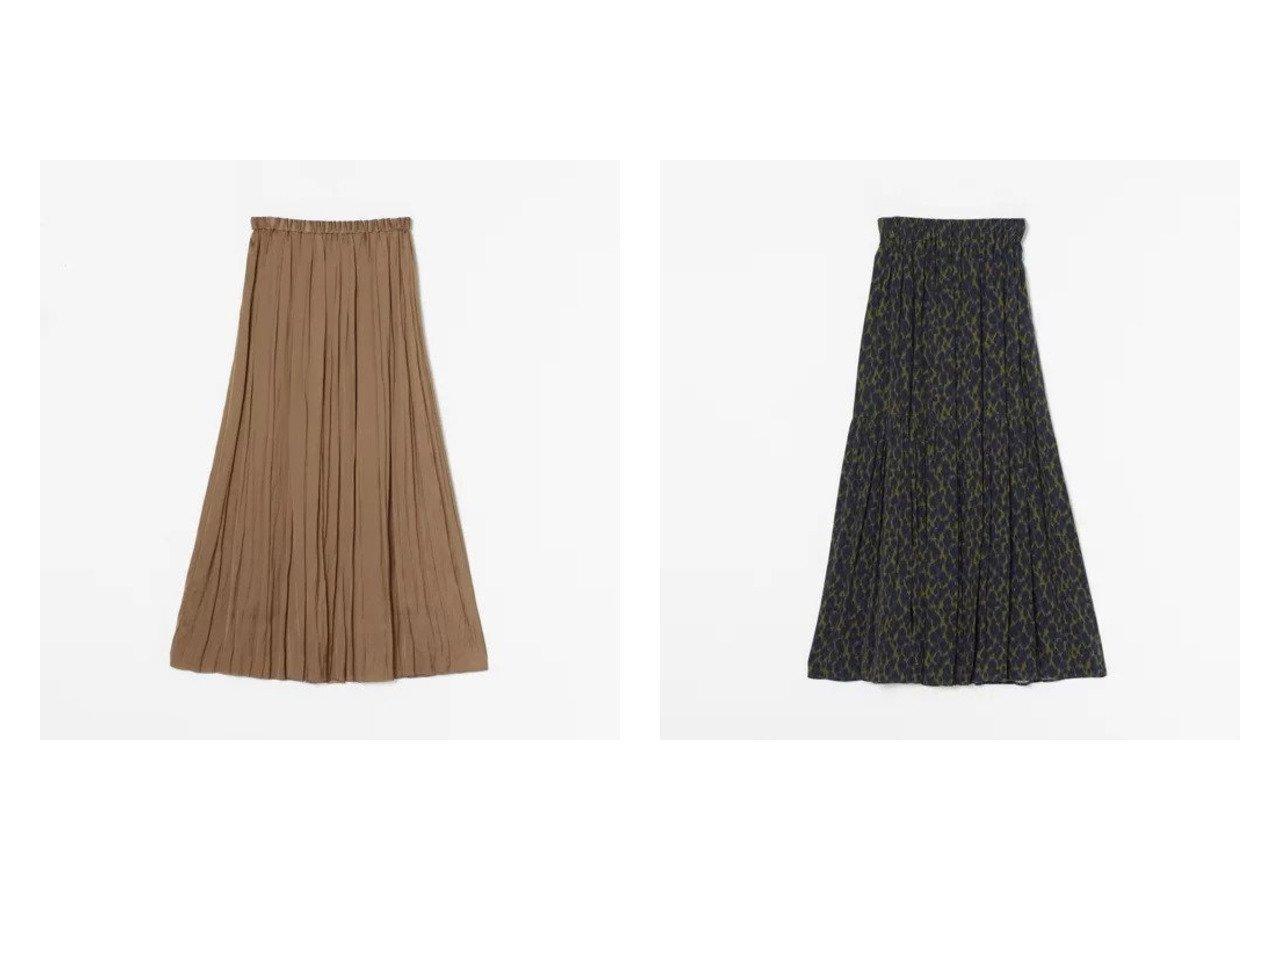 【SACRA/サクラ】のAIRY PLEATS&LEOPARD 【スカート】おすすめ!人気、トレンド・レディースファッションの通販 おすすめで人気の流行・トレンド、ファッションの通販商品 インテリア・家具・メンズファッション・キッズファッション・レディースファッション・服の通販 founy(ファニー) https://founy.com/ ファッション Fashion レディースファッション WOMEN スカート Skirt エアリー プリーツ マキシ ランダム ロング A/W・秋冬 AW・Autumn/Winter・FW・Fall-Winter S/S・春夏 SS・Spring/Summer ティアード ティアードスカート 夏 Summer 春 Spring  ID:crp329100000070574